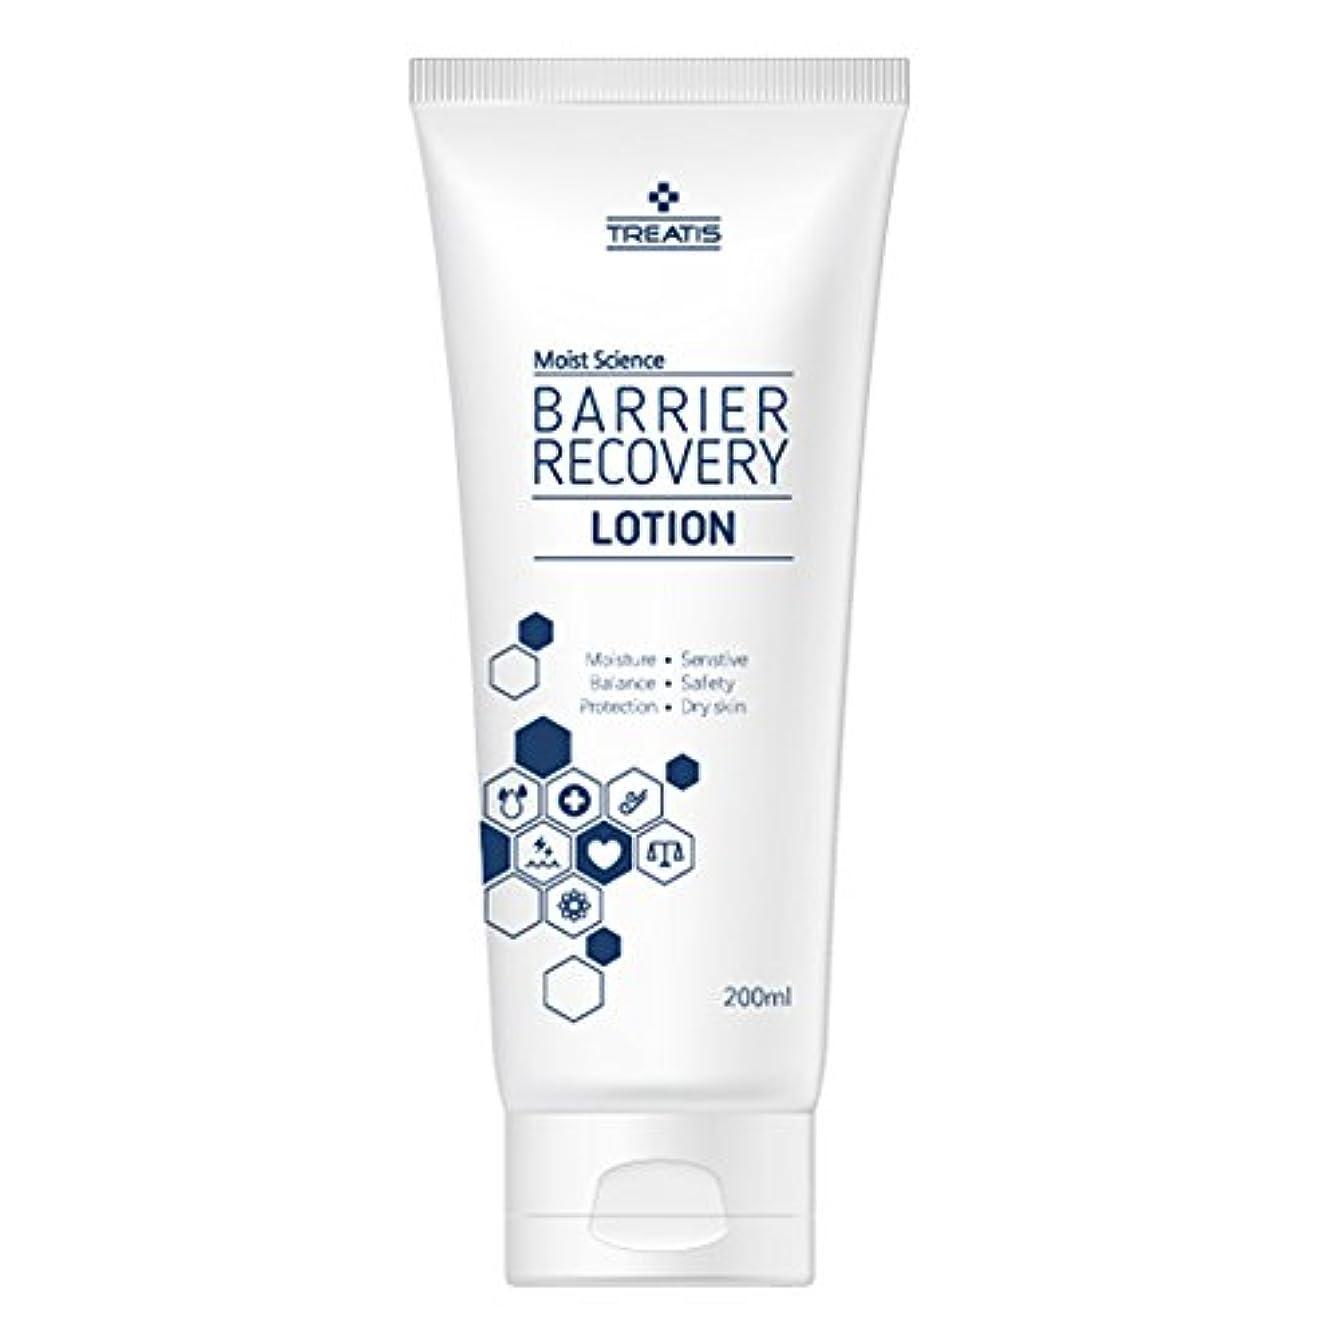 キャンペーン長いです端末Treatis barrier recovery lotion 7oz (200ml)/Moisture, Senstive, Balance, Safty, Protection, Dry skin [並行輸入品]